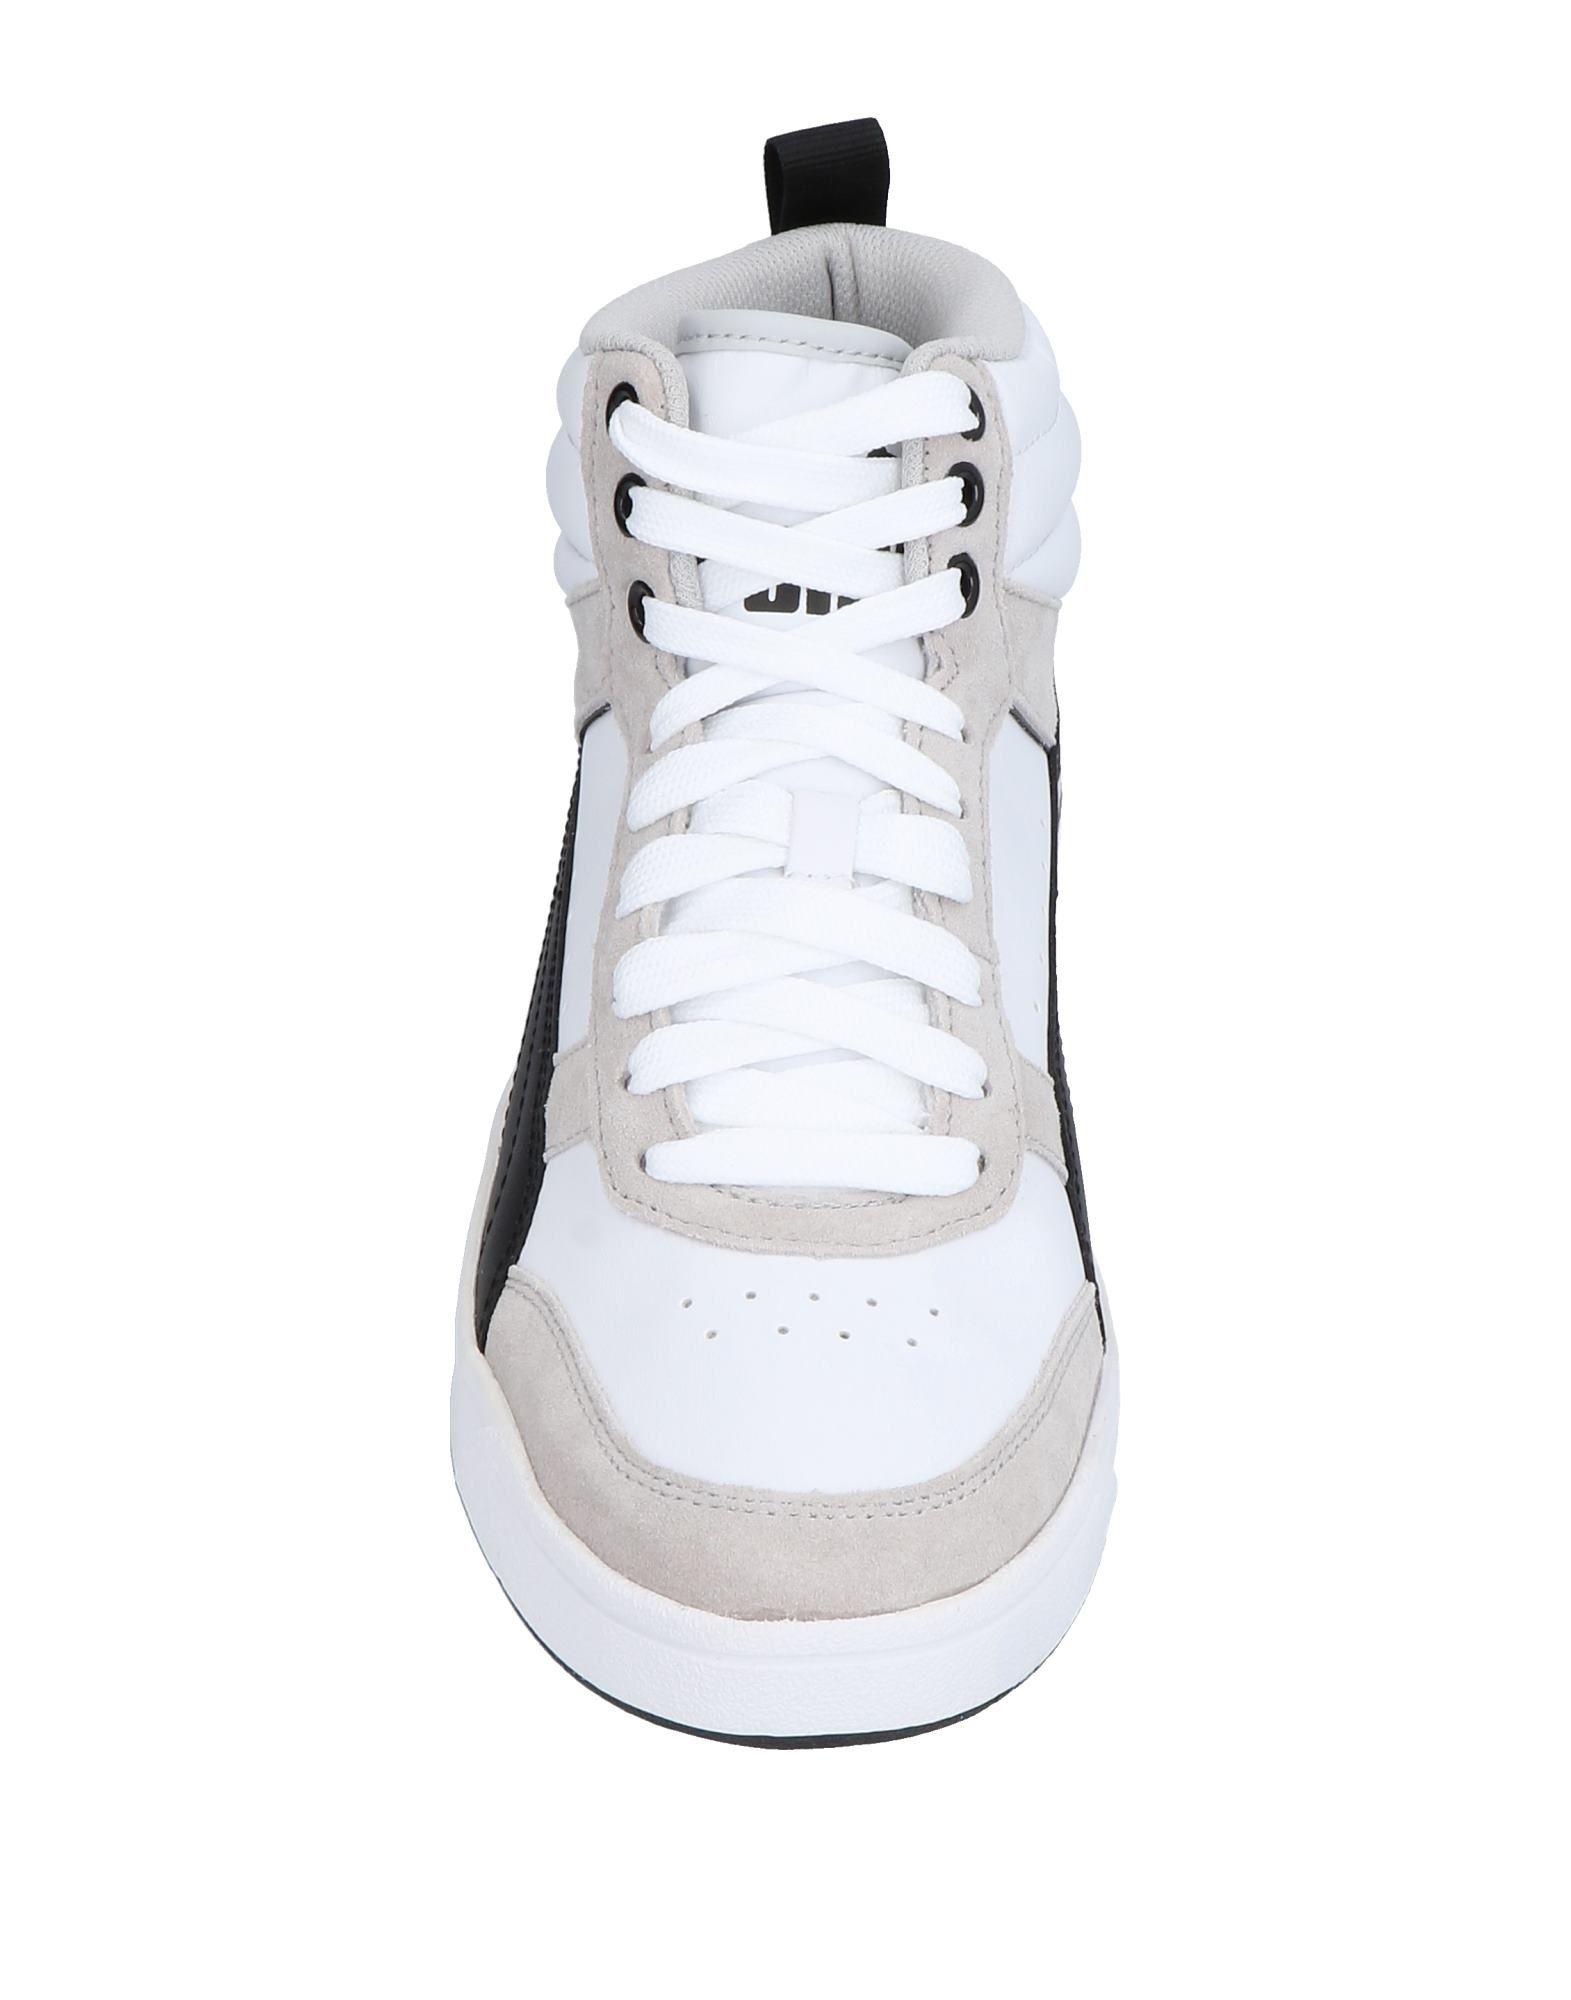 Puma Sneakers Herren Heiße  11496407WE Heiße Herren Schuhe 414fd5